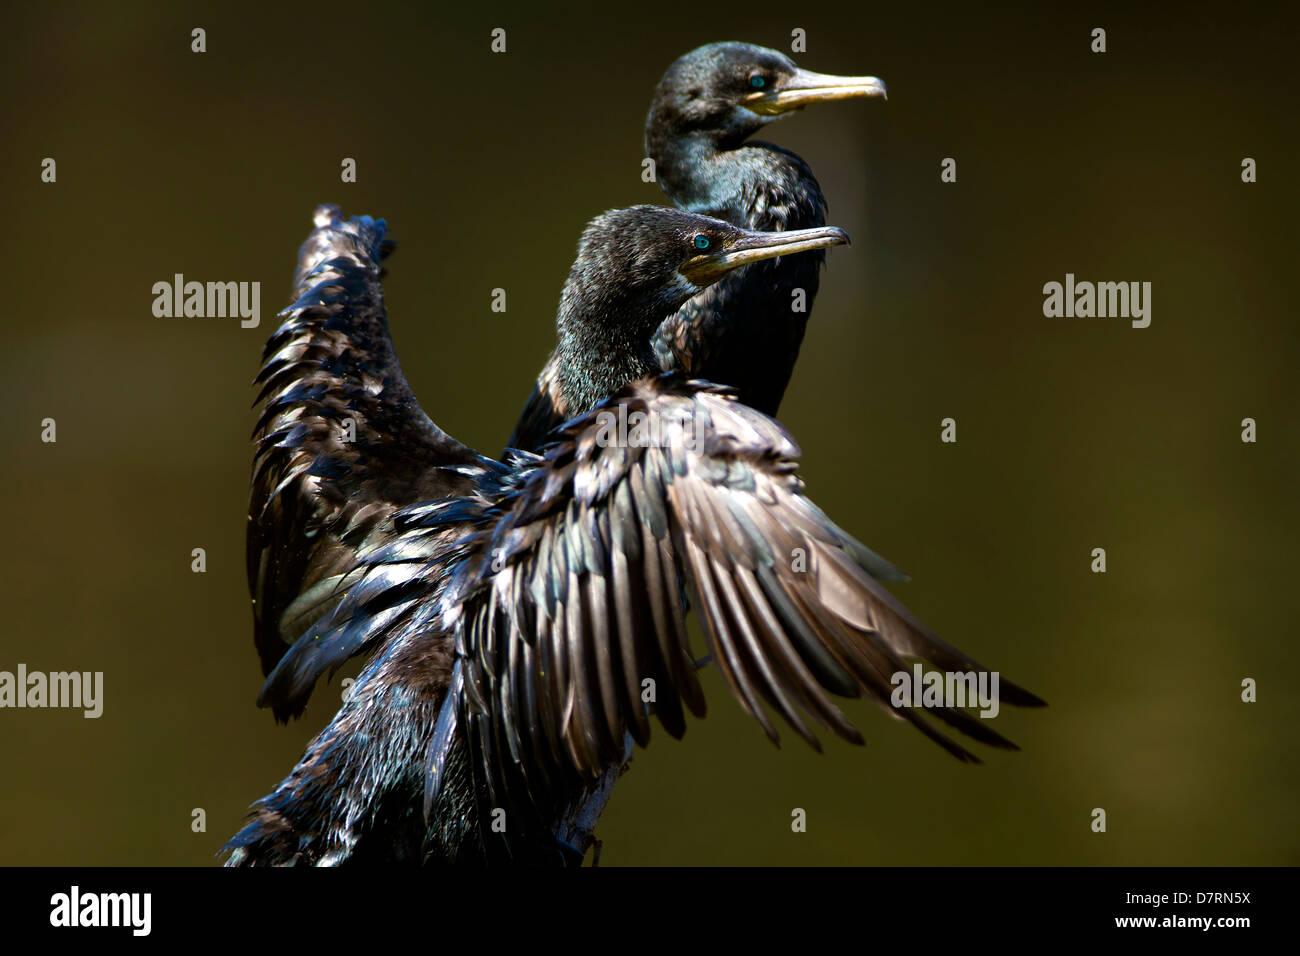 Black bird wings spread